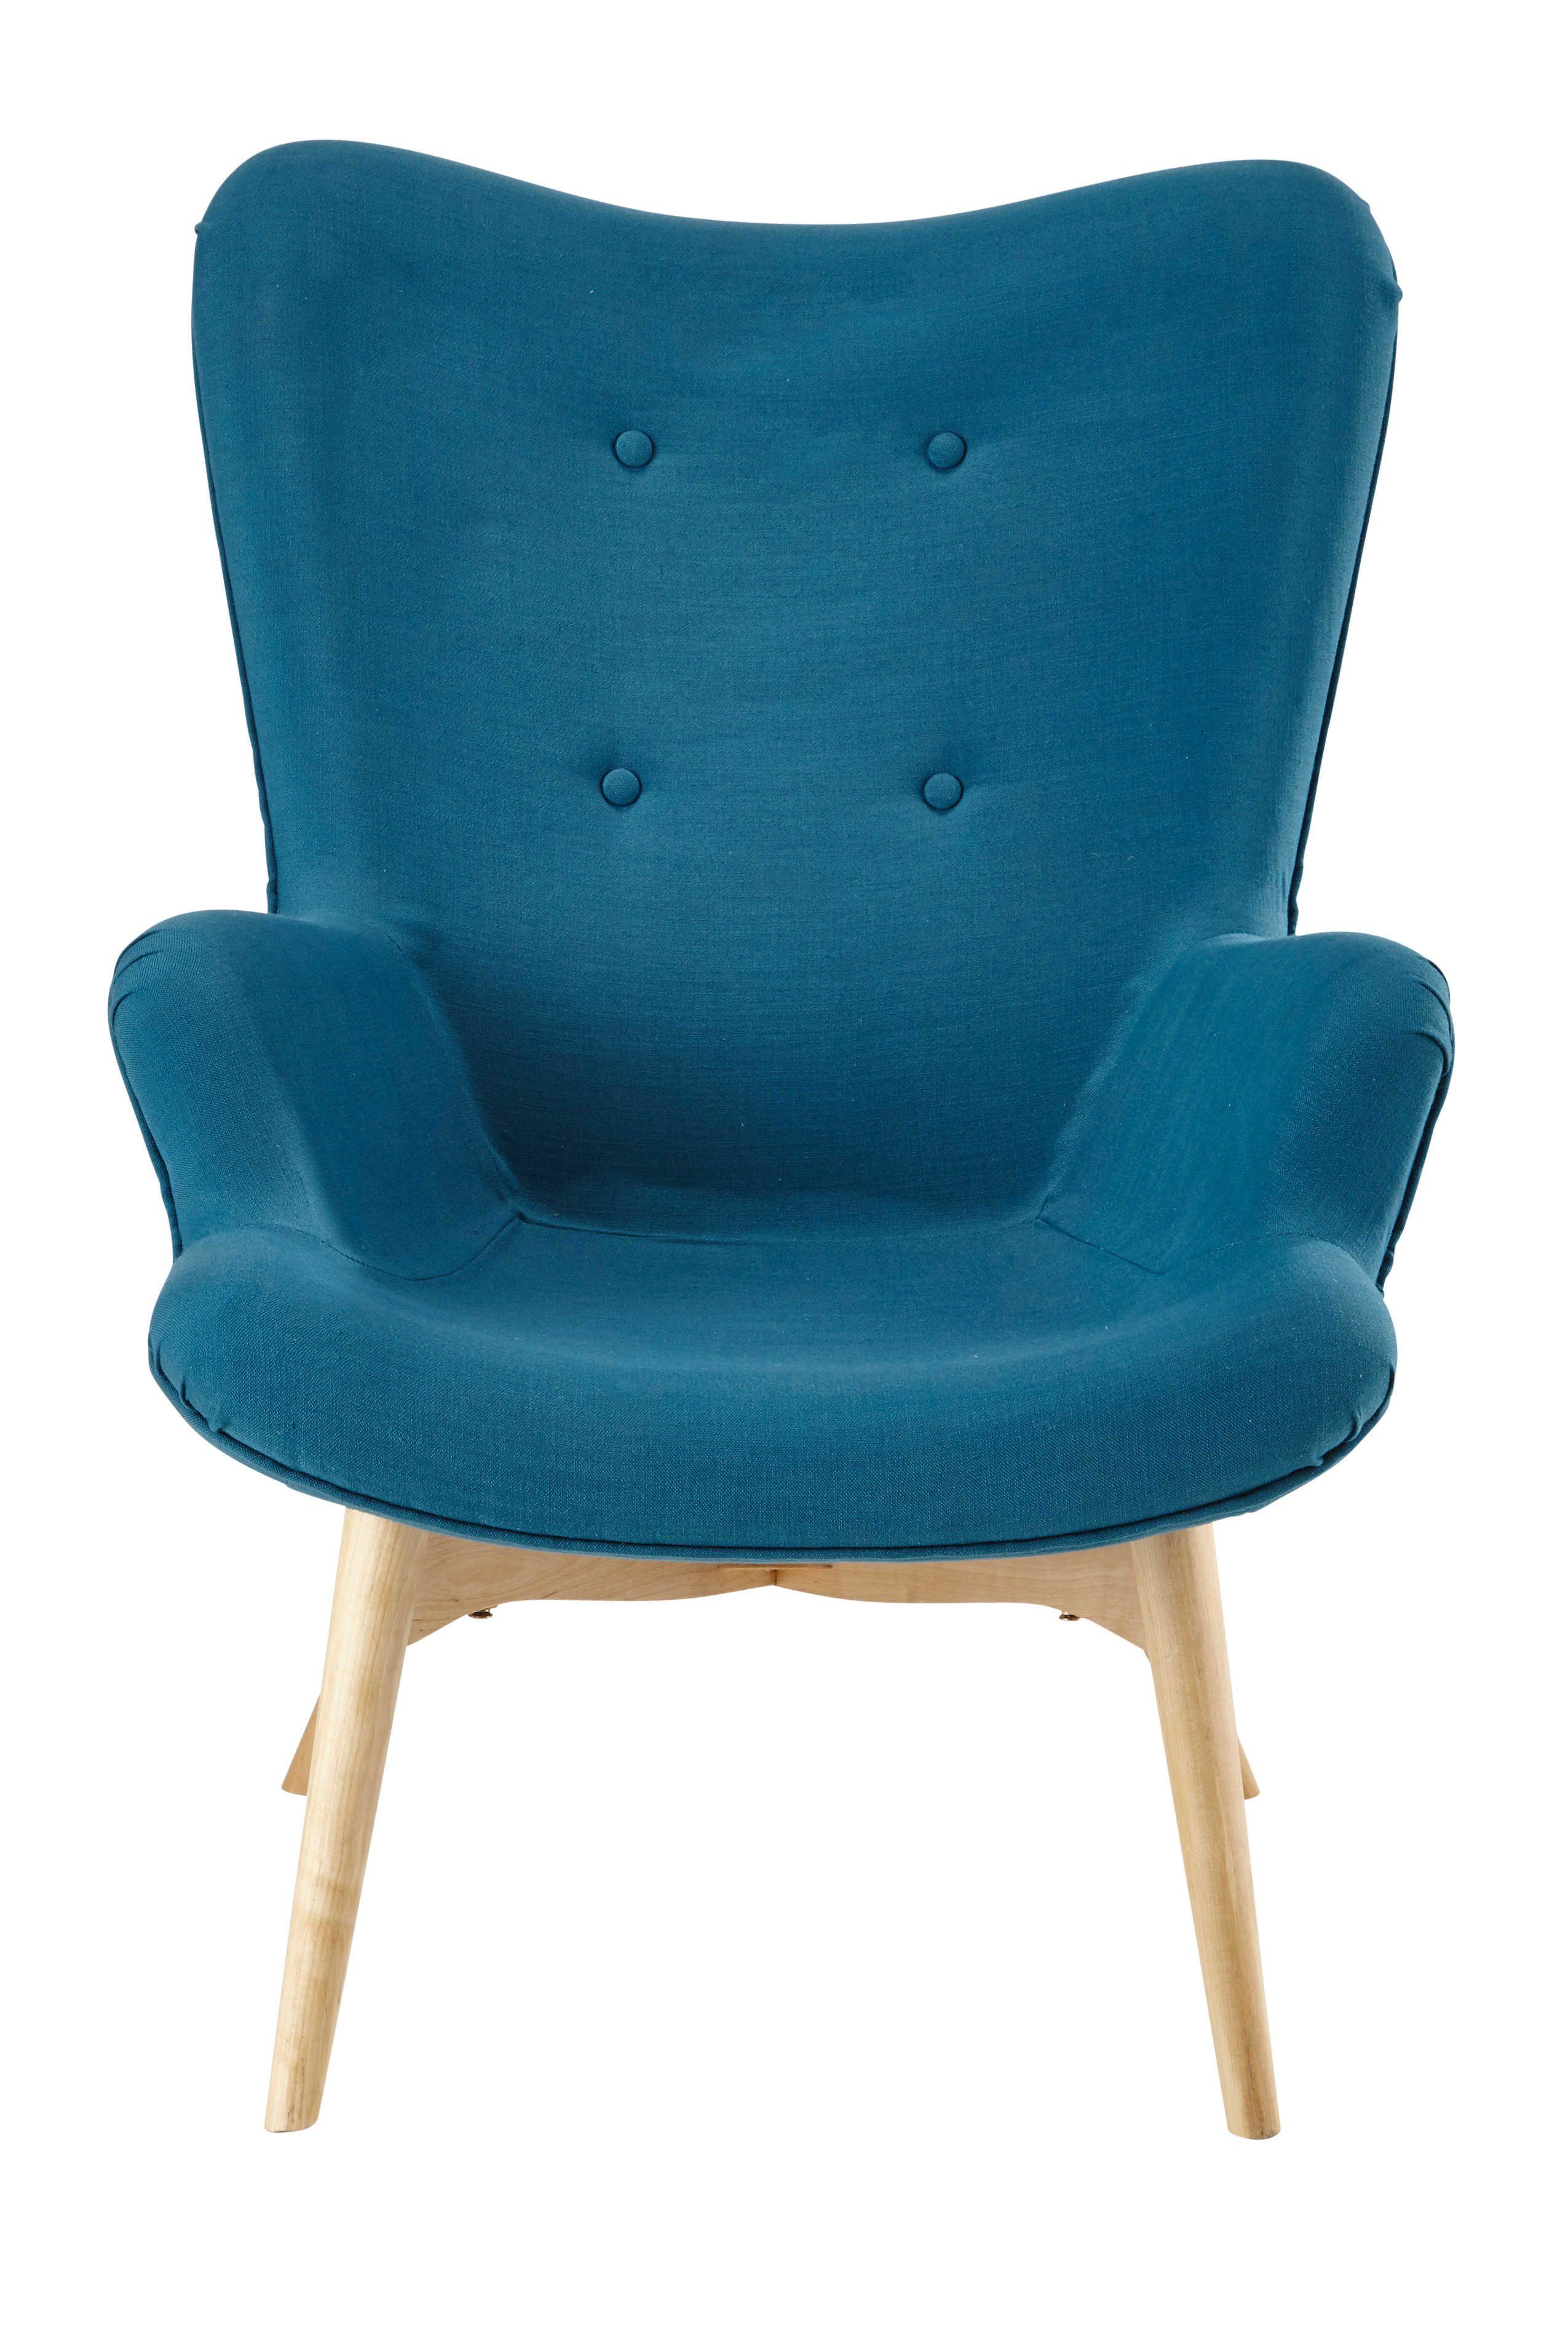 Fauteuil Scandinave En Tissu Bleu Pétrole Salons Armchairs And - Fauteuil tissu bleu